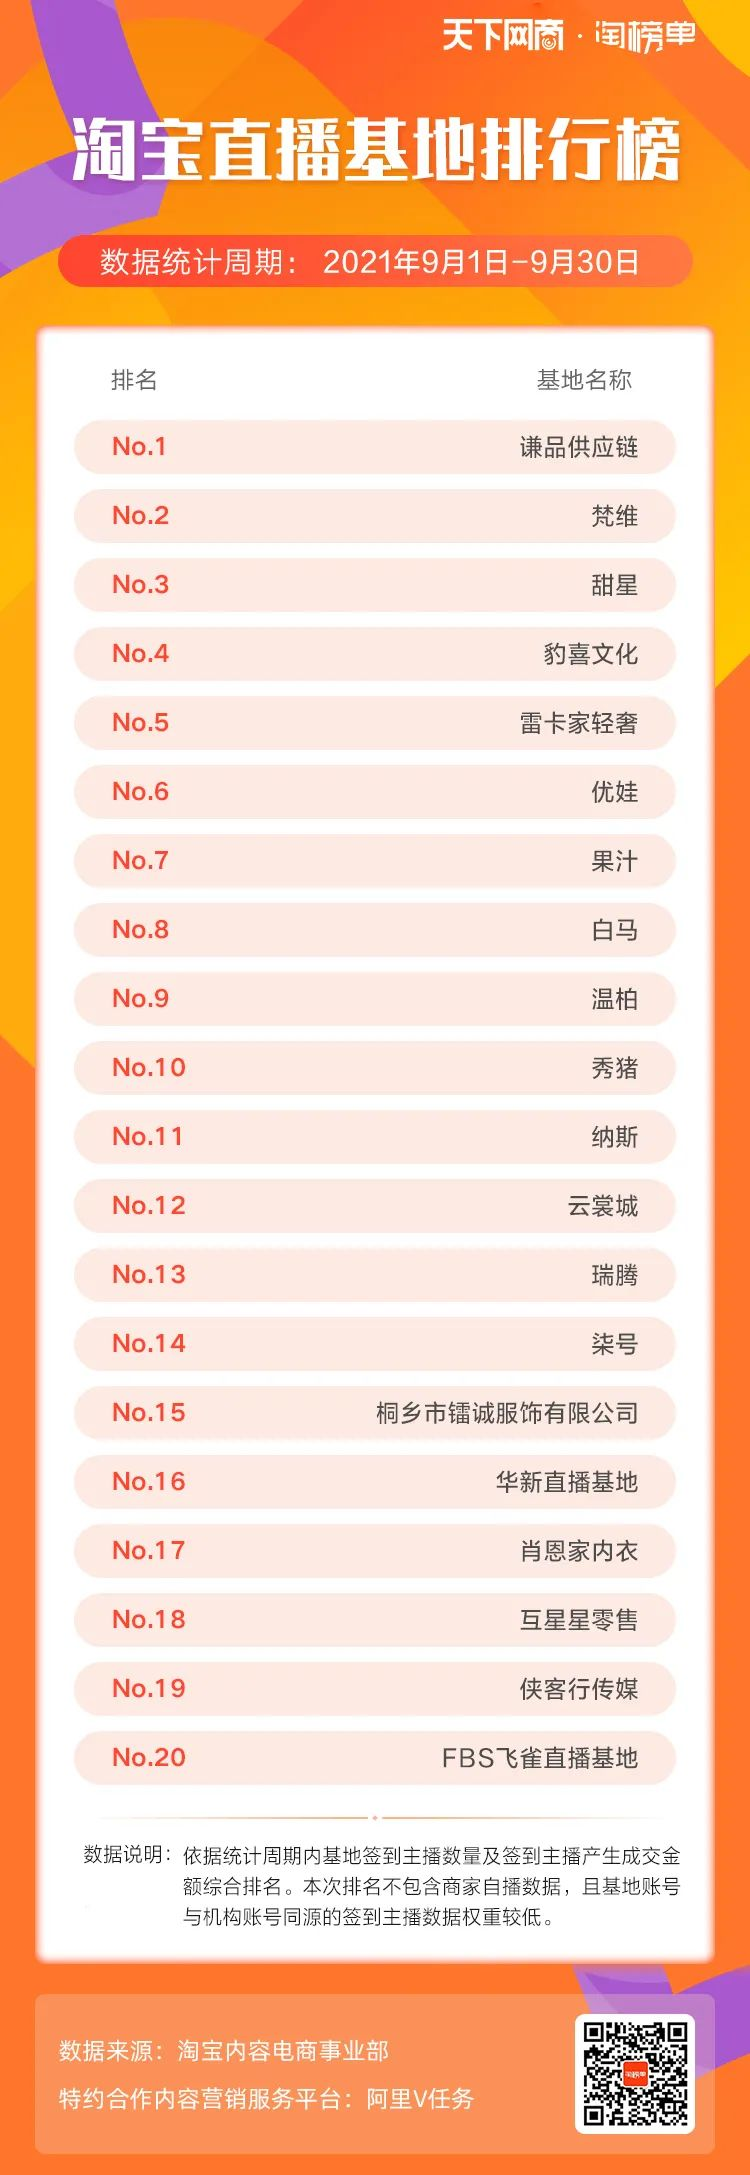 9月淘宝直播基地榜发布!TOP3有变动